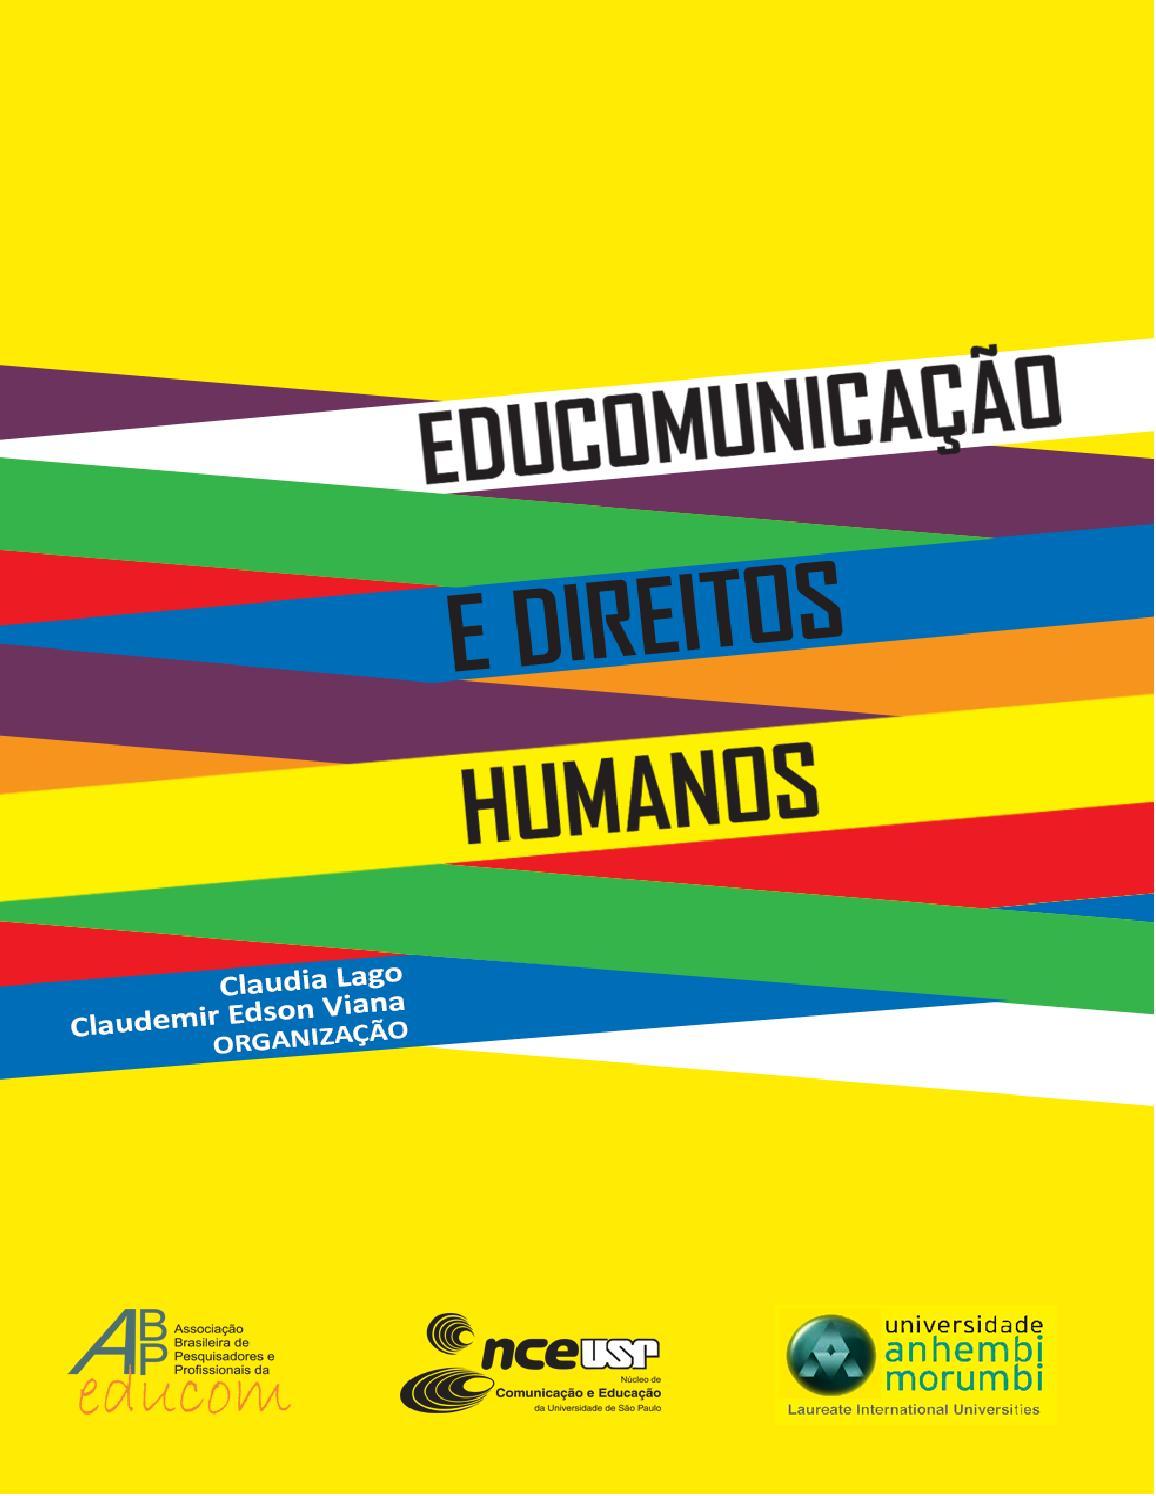 Educomunicação e direitos humanos by ABPEducom - issuu cd308ce05dc